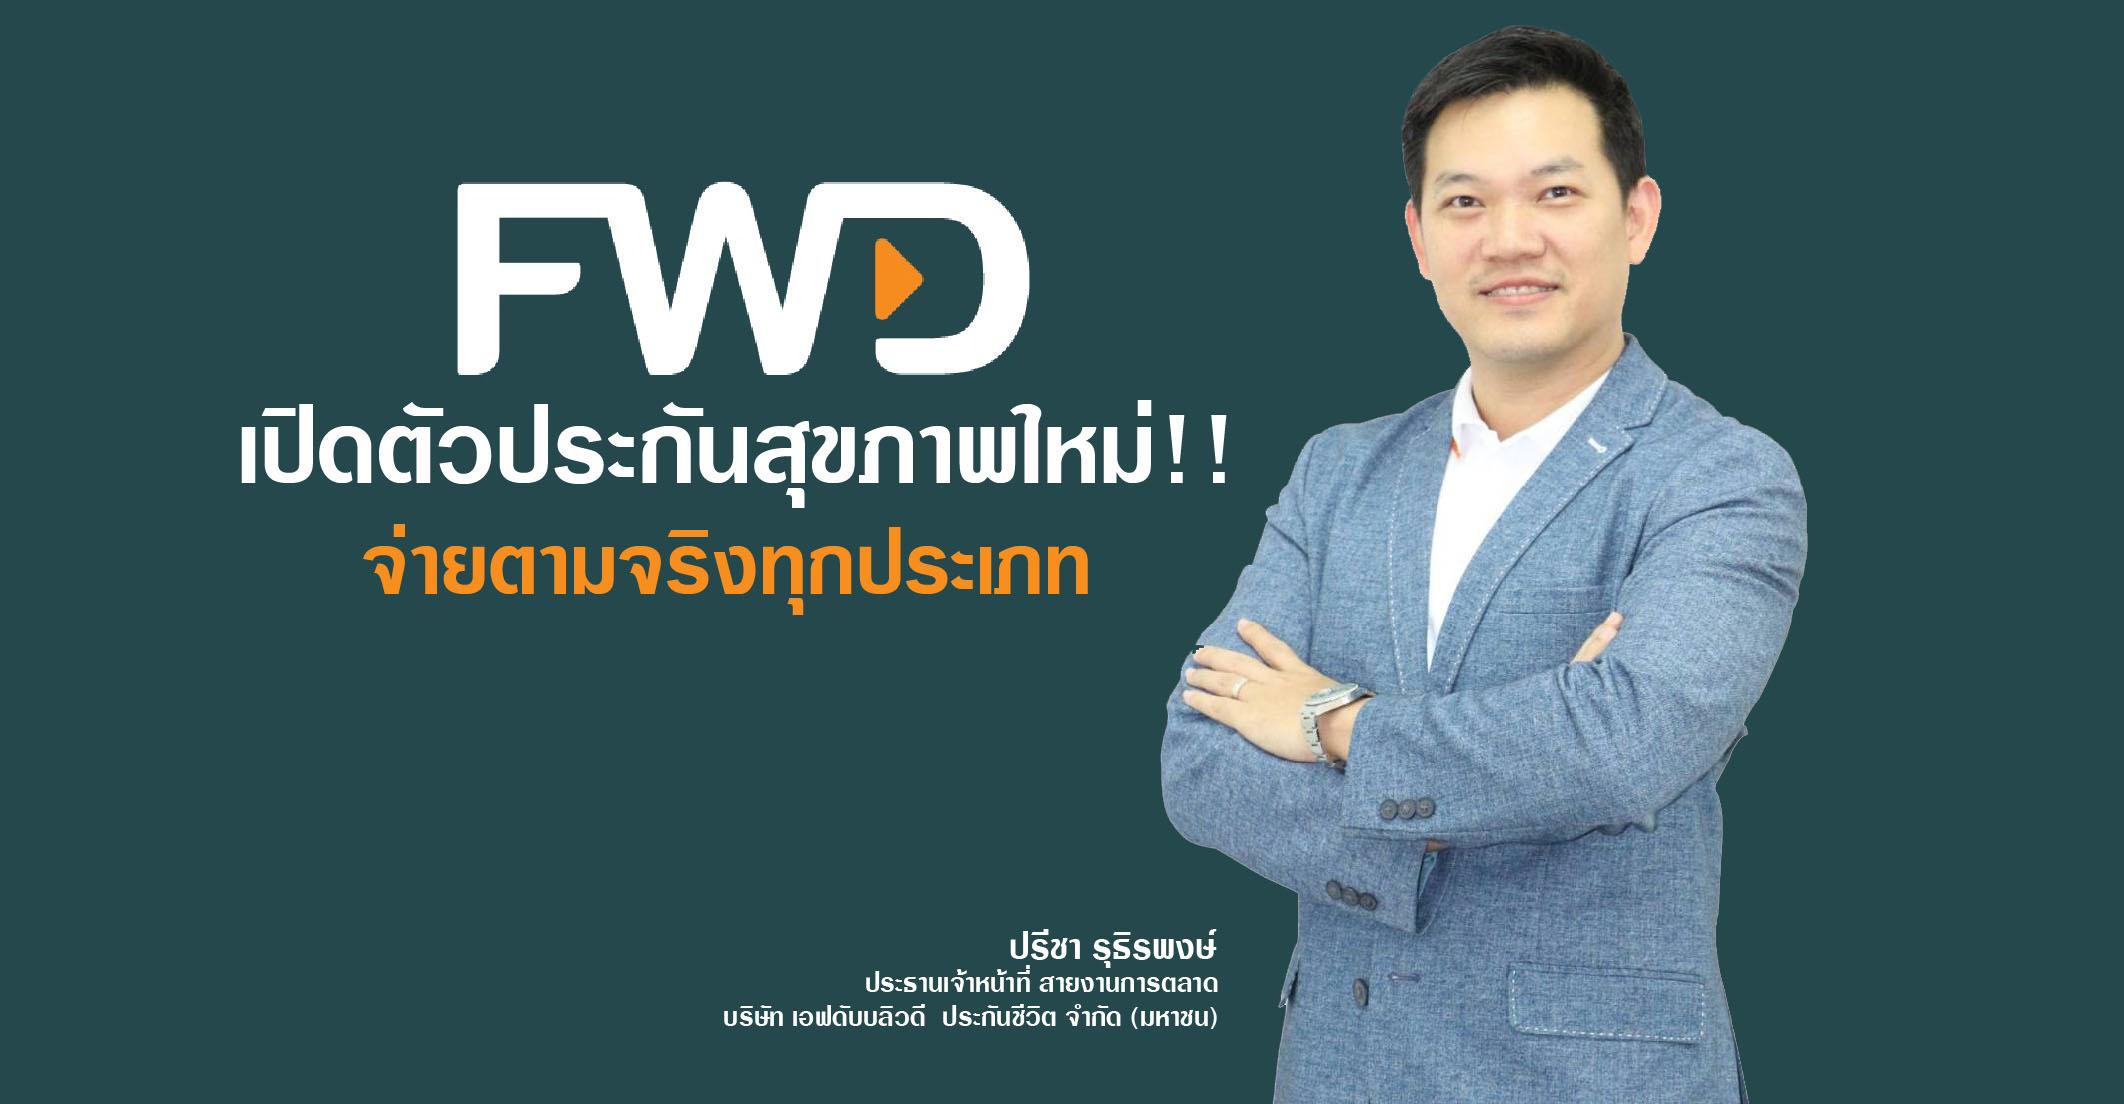 'FWD' เปิดตัวประกันสุขภาพใหม่!! จ่ายตามจริงทุกประเภท